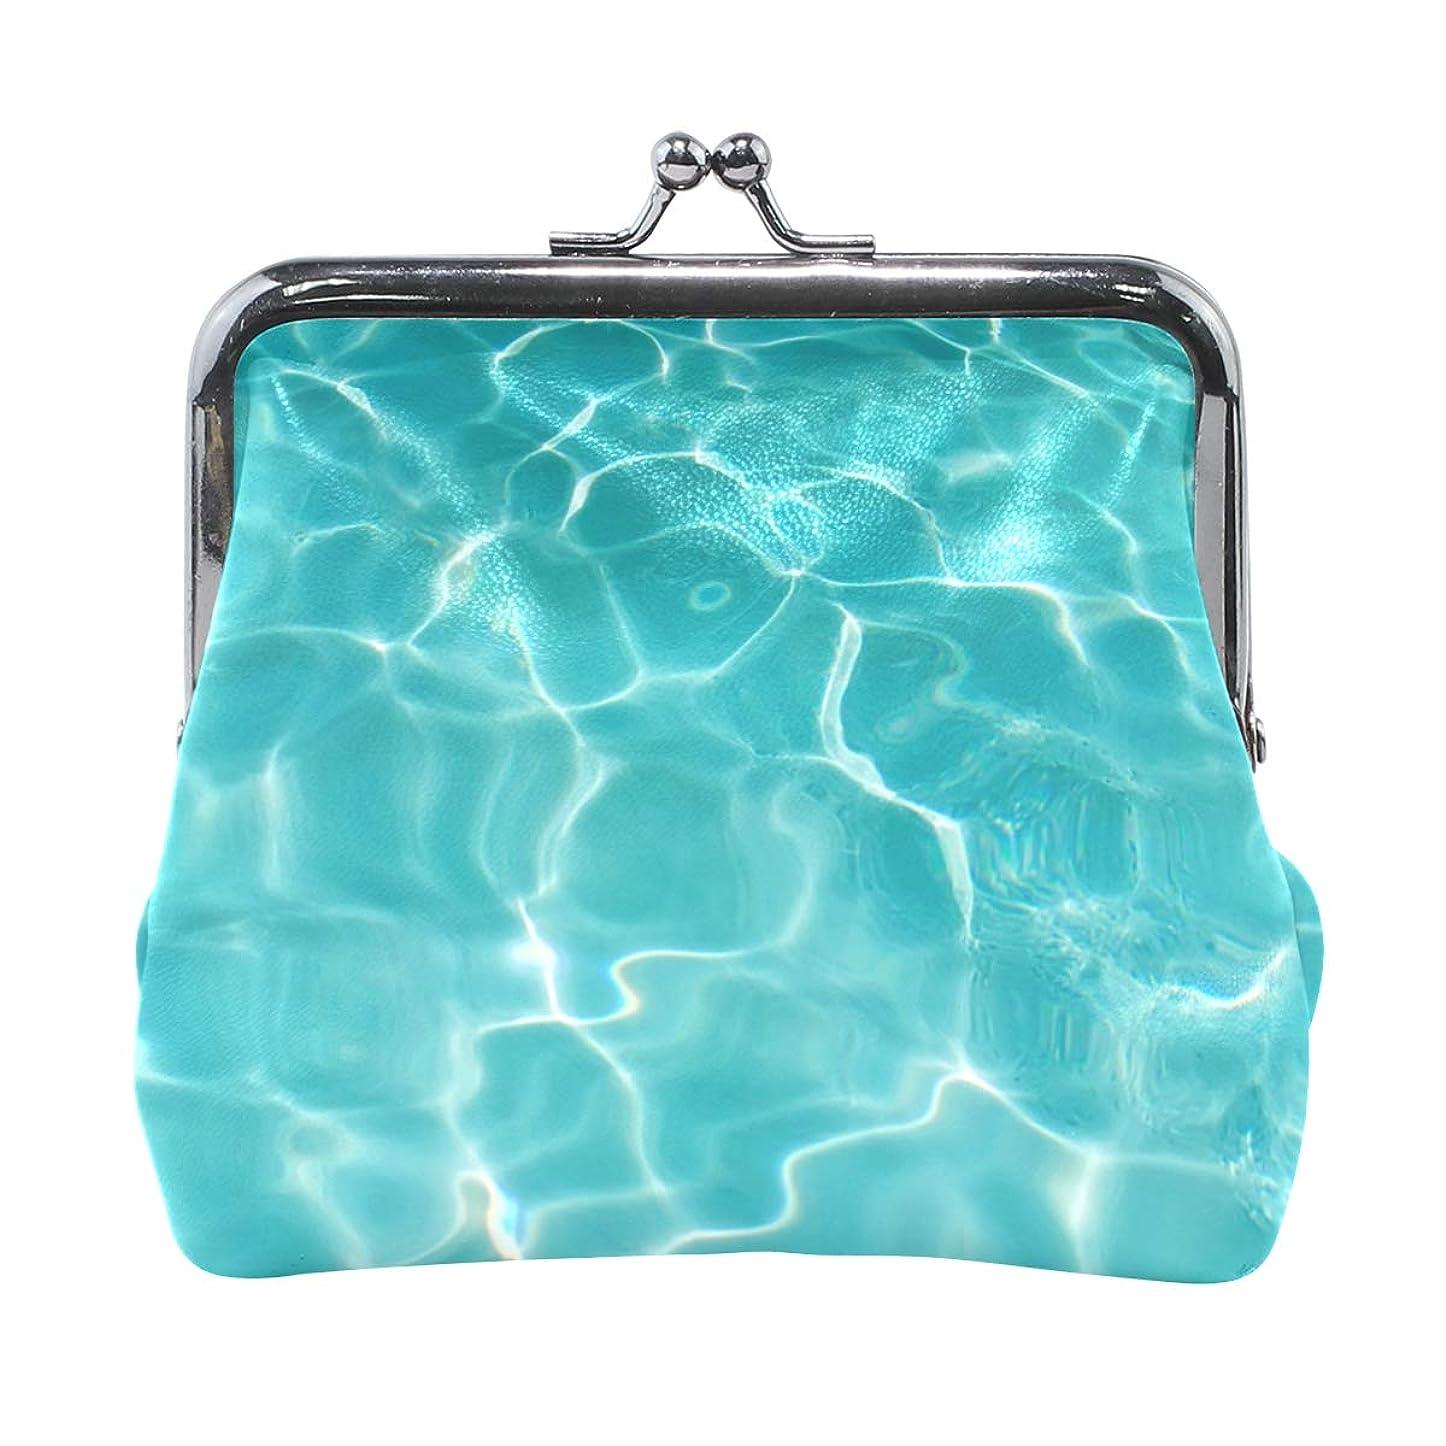 港先のことを考える自宅でがま口 財布 口金 小銭入れ ポーチ 海 水 ANNSIN バッグ かわいい 高級レザー レディース プレゼント ほど良いサイズ